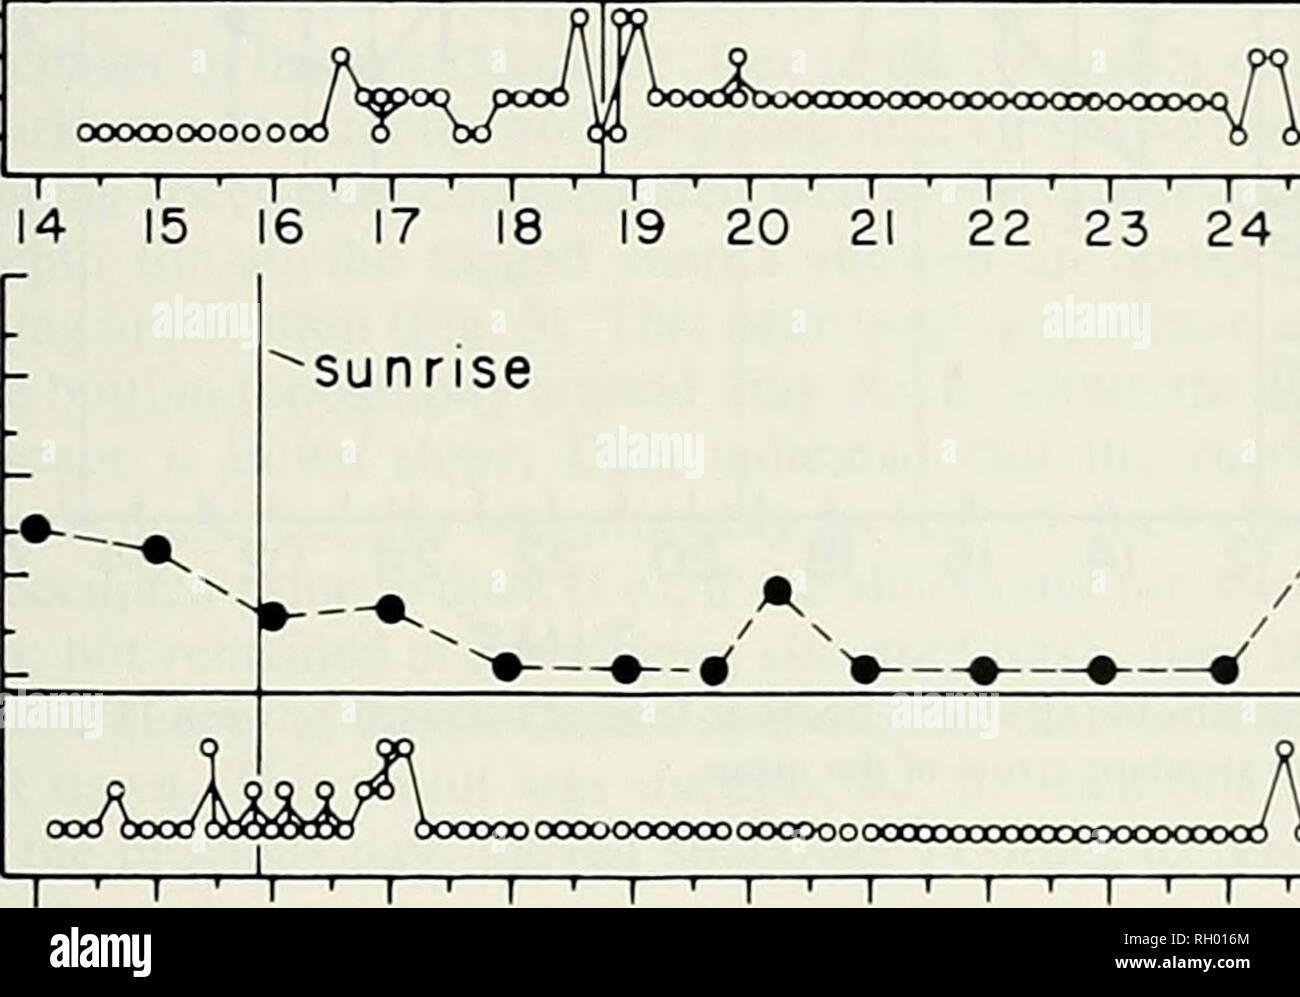 . Bulletin. Wissenschaft; Naturgeschichte; Natural History. ANGEL SHARK VERHALTEN 197 q; 1000 CO Z) crO 750 UJ ICH tLcr^°°^^ 250 SPEED 3 - KLASSE 2 - ENGEL HAI SCHWIMMEN PREISE Sonnenuntergang -_^^ Rate // // 750^1000 crO LlJ X I - 500 UJ LL-S^250 0 4-SPEED 3: Klasse I-. O OOODOOOOO 19 20 21~i - '-I-'-I-' -r- 22 23 24 01-1-I-I 02 03 OCXJOOOOOOO OOOOOOI-1 - - - n - Ich - ich -> - I - '-I-' -|- 03 04 05 06 07 08 09 ~ i-II n 10 - 13 14 15 1 16 Zeit Abb. 4. Schwimmen speed Daten im lO-min Intervallen von einem 5. catifornica mit einer 1-Kanal Sender markiert. Speed Class 1. 0-15 cm/Sek; 2, 15-50 cmyse Stockbild